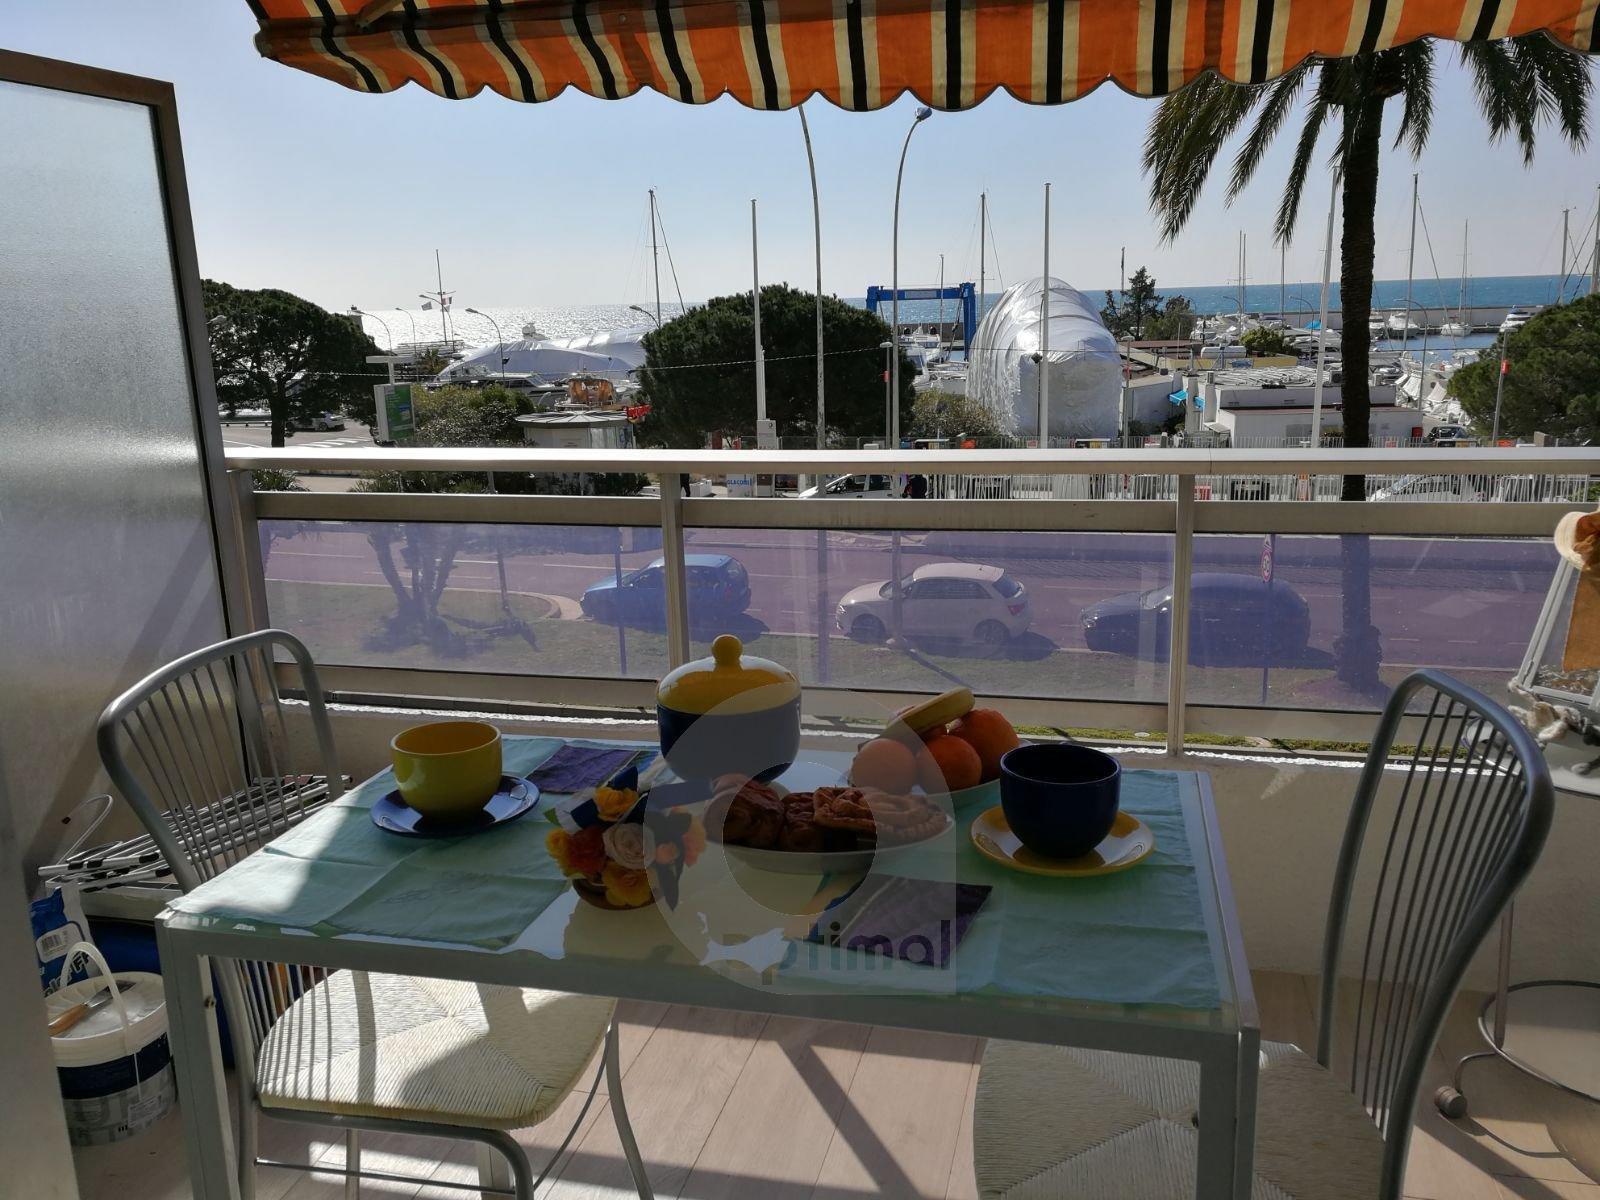 Bel monolocale fronte mare con terrazzo e parcheggio privato